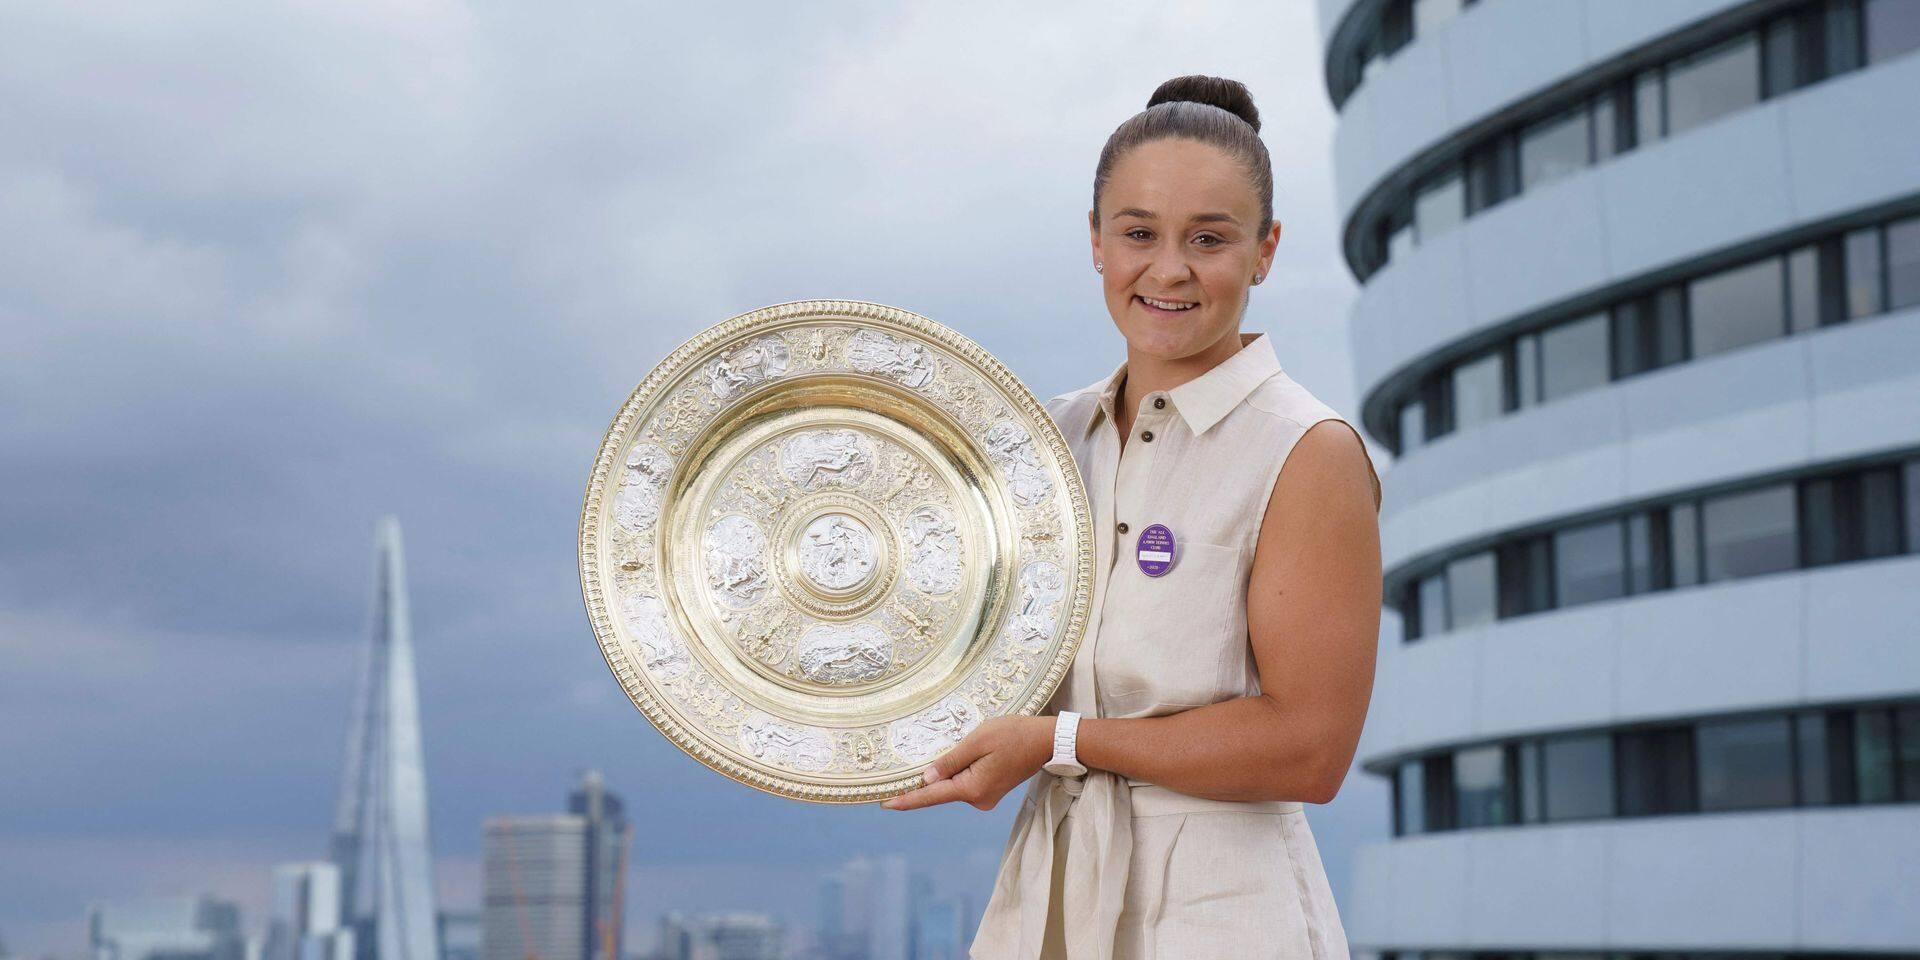 """La numéro un mondiale Ashleigh Barty savoure après son sacre à Wimbledon: """"Mieux que prévu"""""""